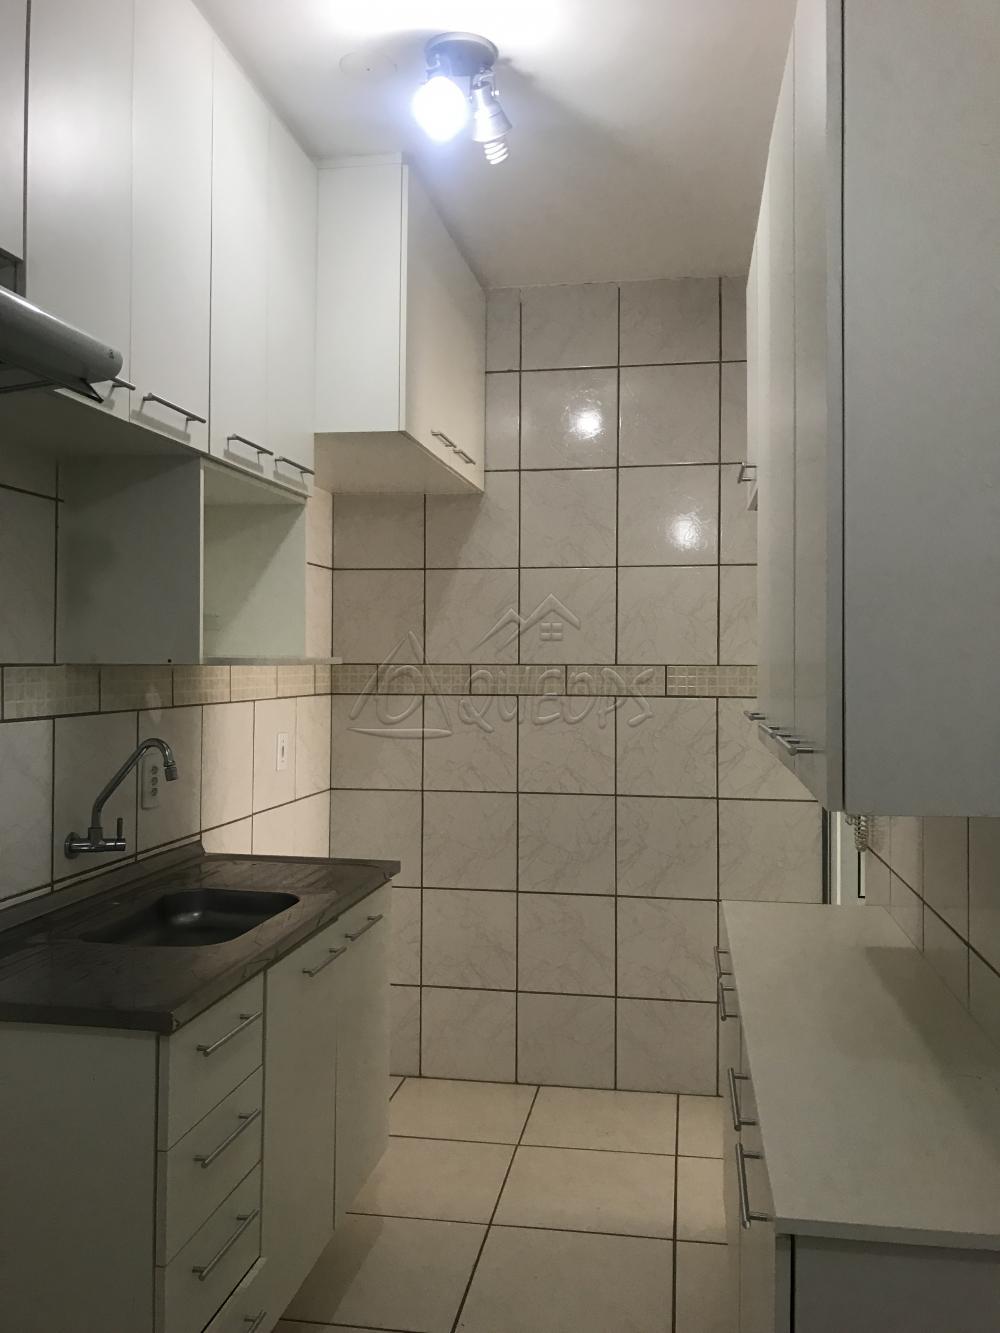 Comprar Apartamento / Padrão em Barretos apenas R$ 350.000,00 - Foto 7